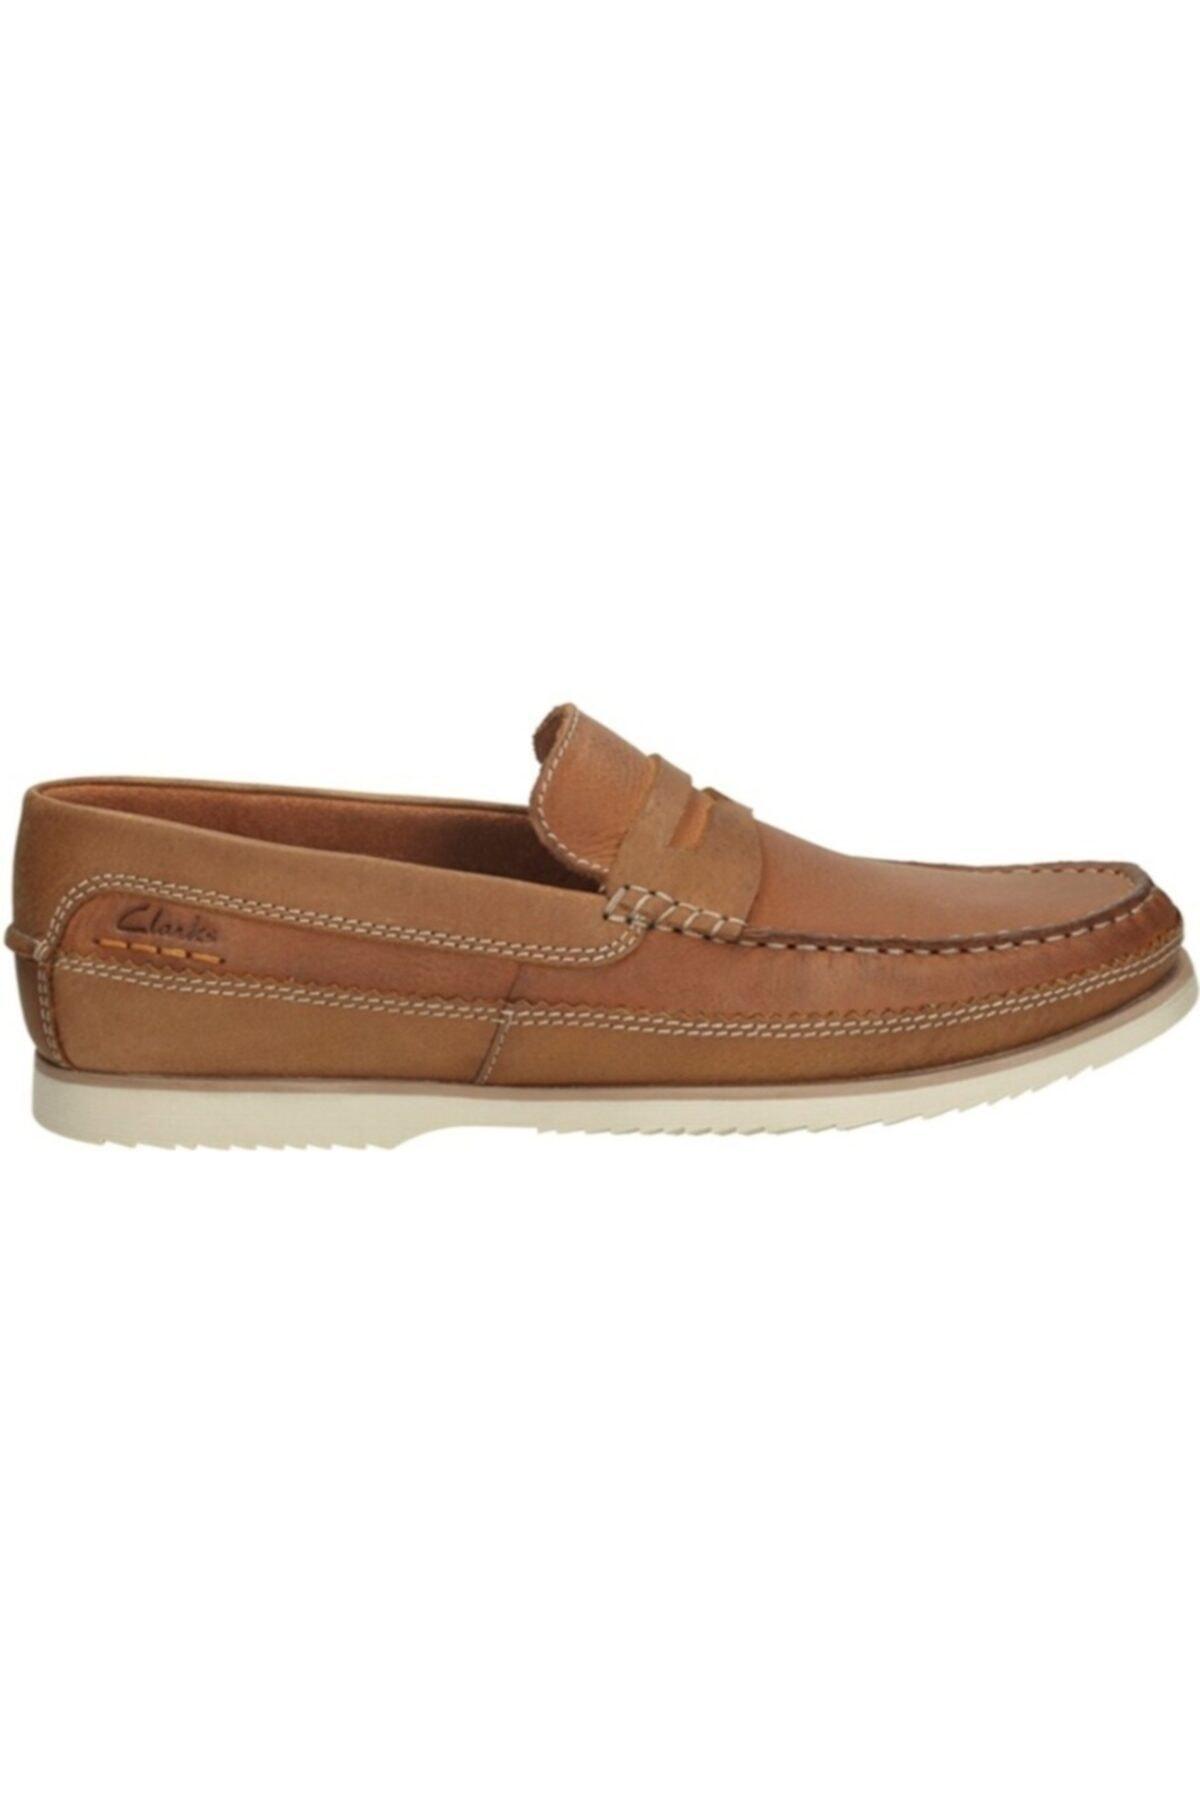 CLARKS Erkek Kahverengi  Nubuk Ayakkabı 1